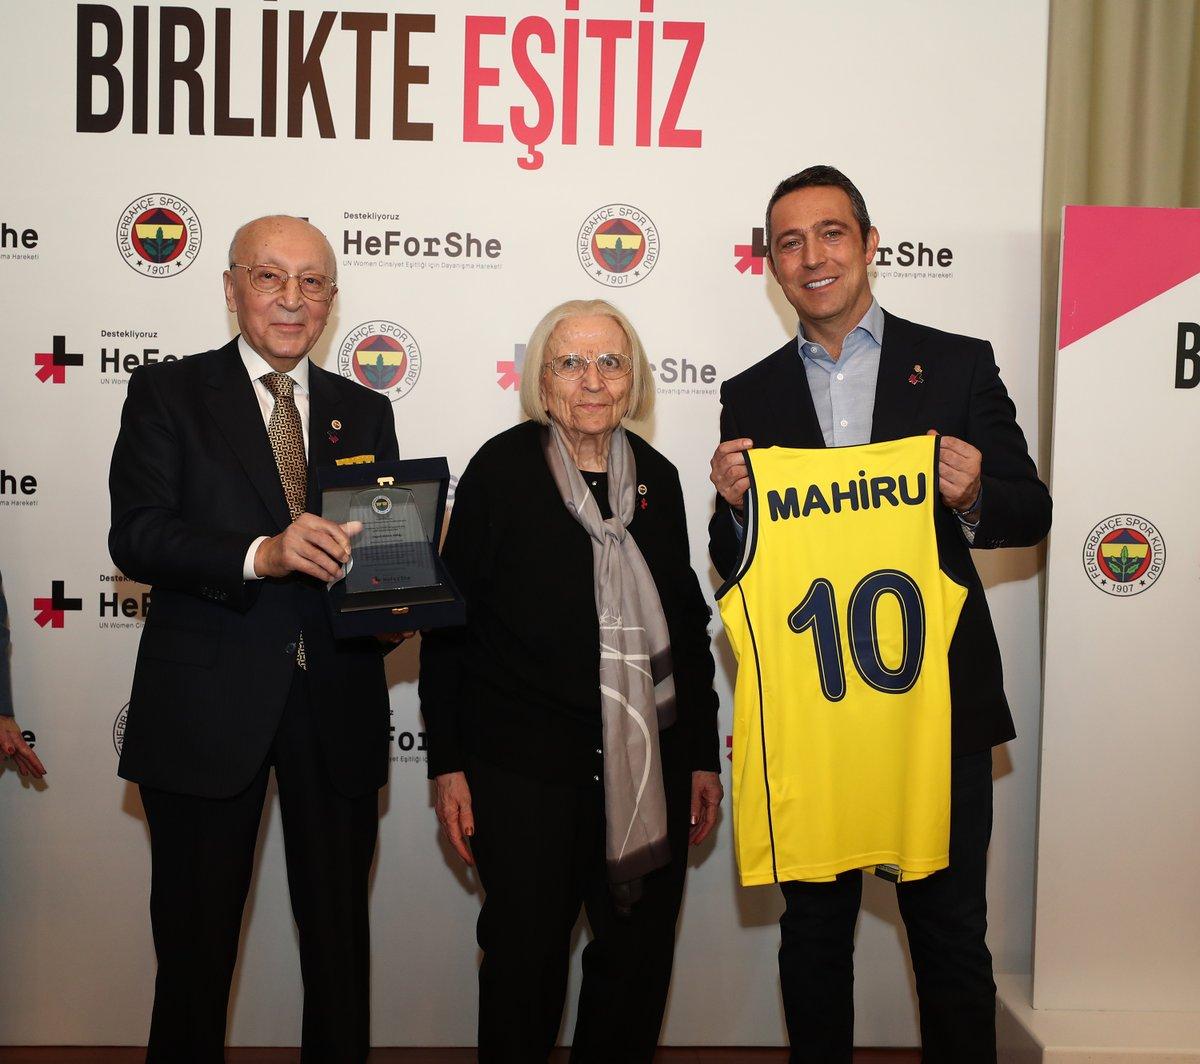 Kadın Voleybol ve Basketbol Takımlarımızın eski oyuncusu Mahiru Akdağ'ı kaybettiğimizi derin bir üzüntüyle öğrendik.   Atamızın izindeki Fenerbahçe'mizin çatısı altında binlerce kız çocuğuna örnek olmuş Mahiru Akdağ'a Allah'tan rahmet, camiamıza başsağlığı dileriz. https://t.co/O4QvlyRPEf